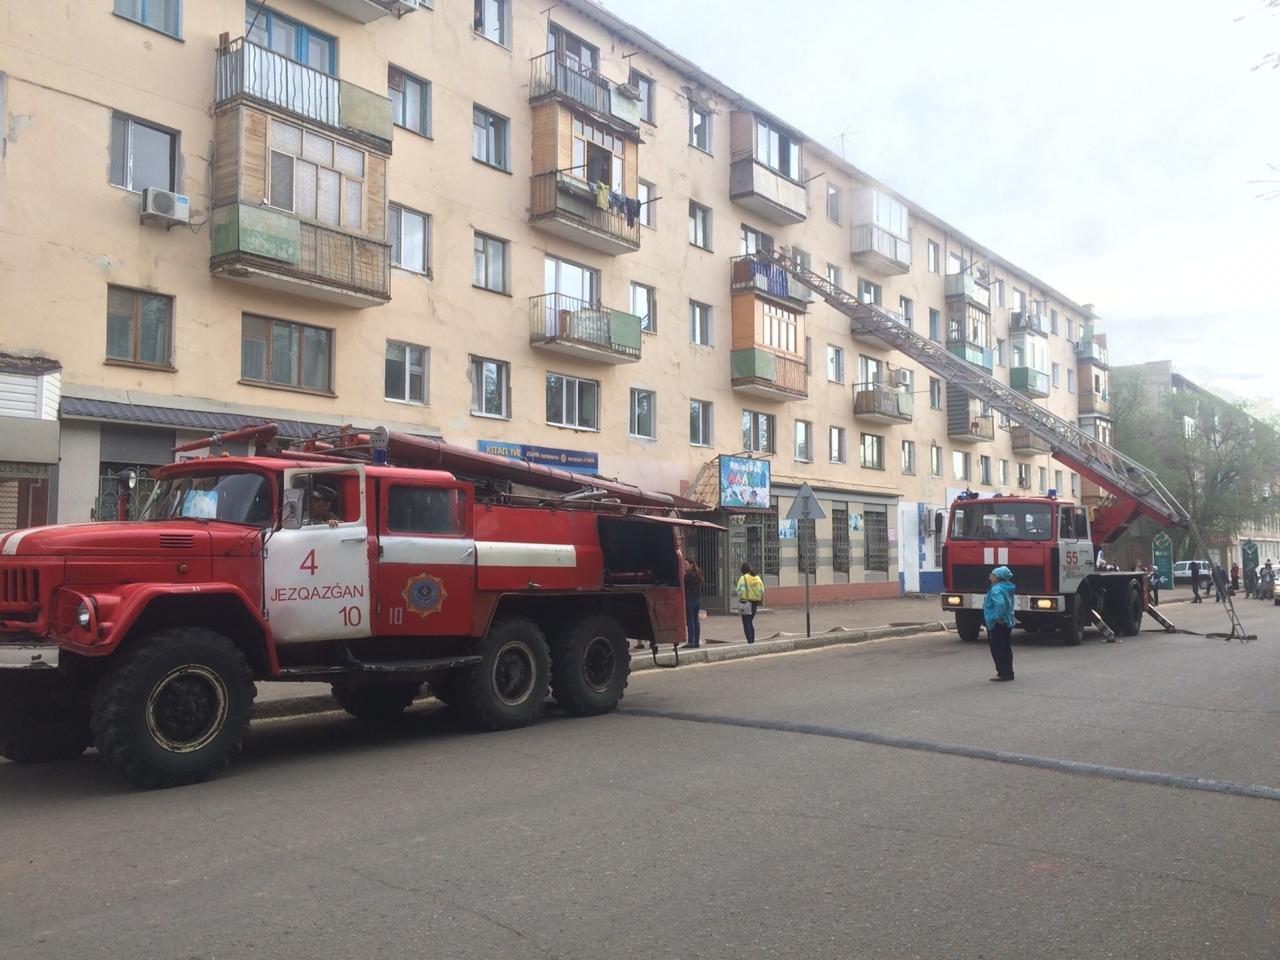 Семь человек спасли из горящей квартиры в Жезказгане, фото-2